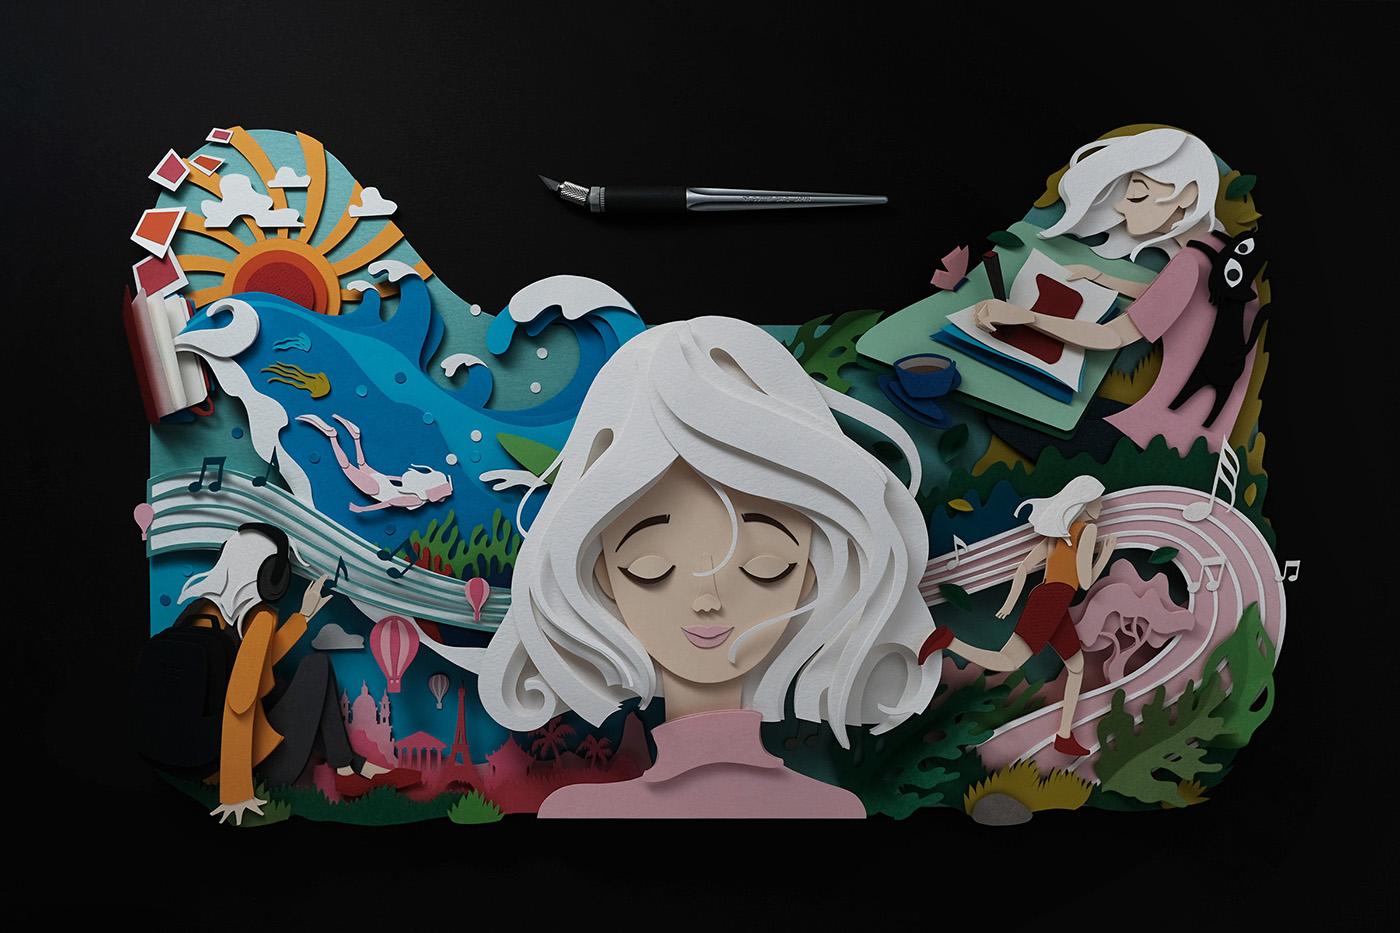 有設計感的27個立體紙雕作品欣賞